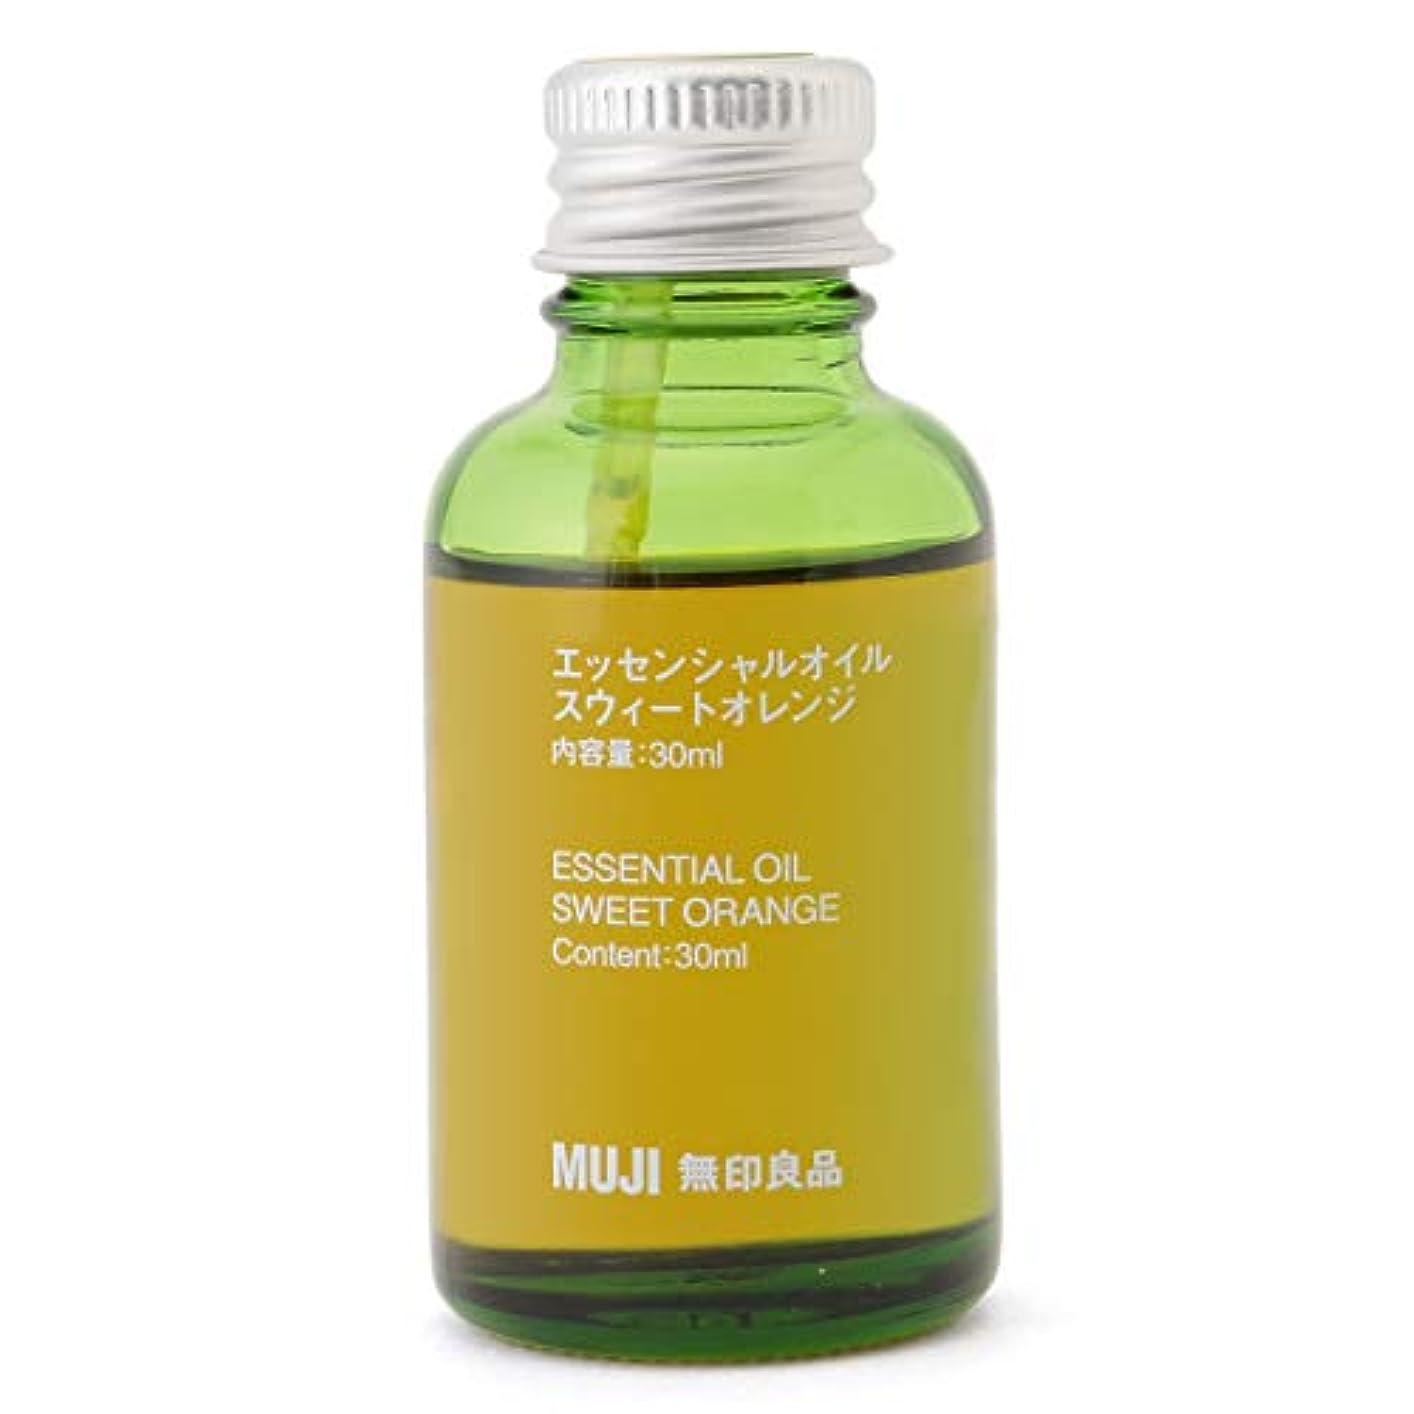 合理化収束するシダ【無印良品】エッセンシャルオイル30ml(スウィートオレンジ)